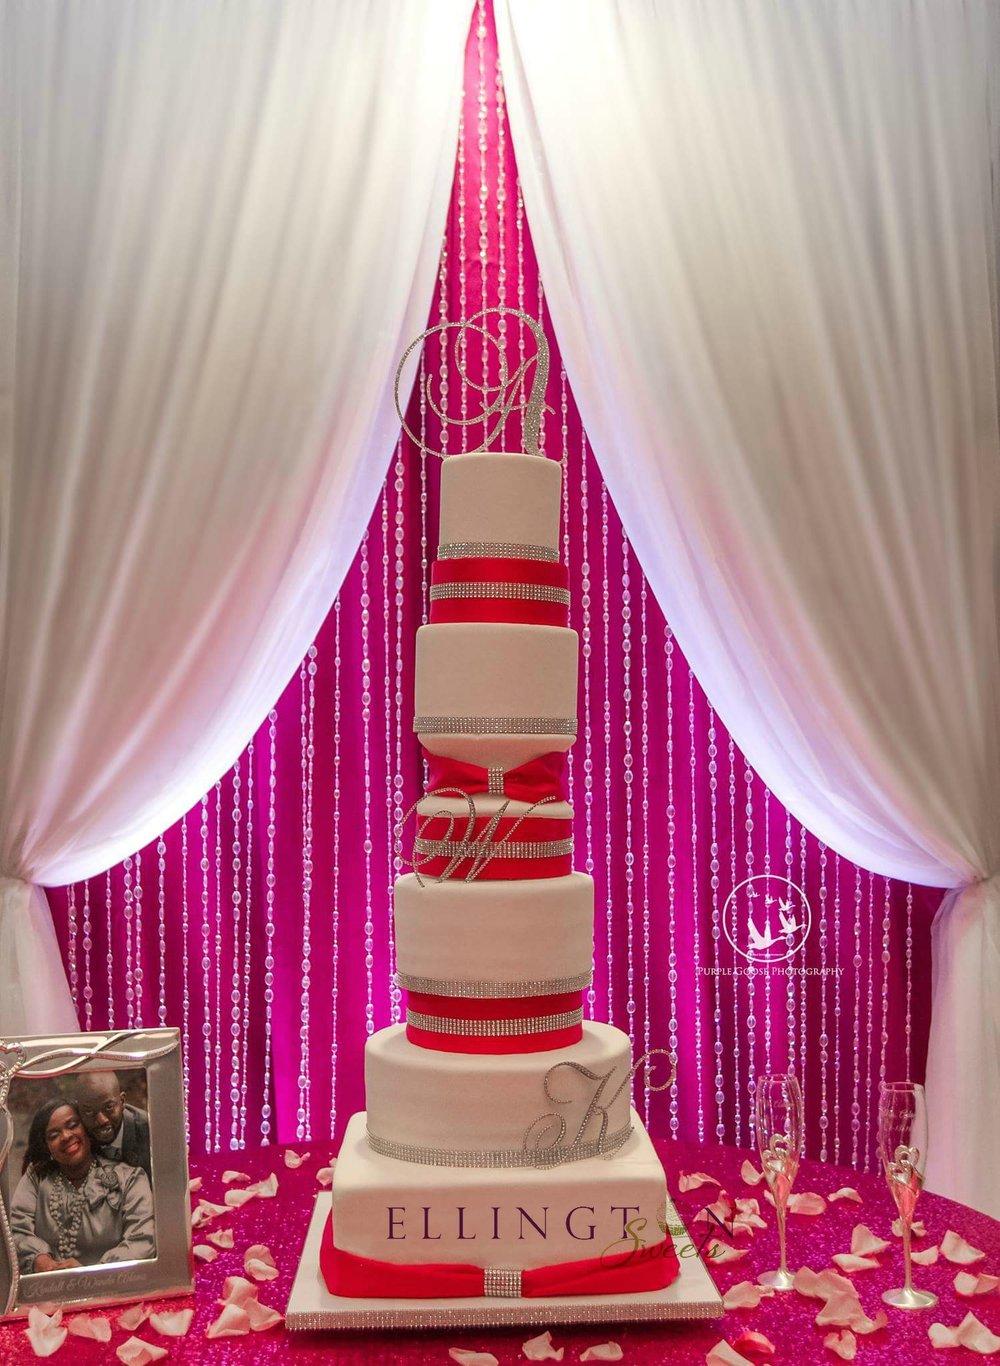 Fushia cake with bling.jpg